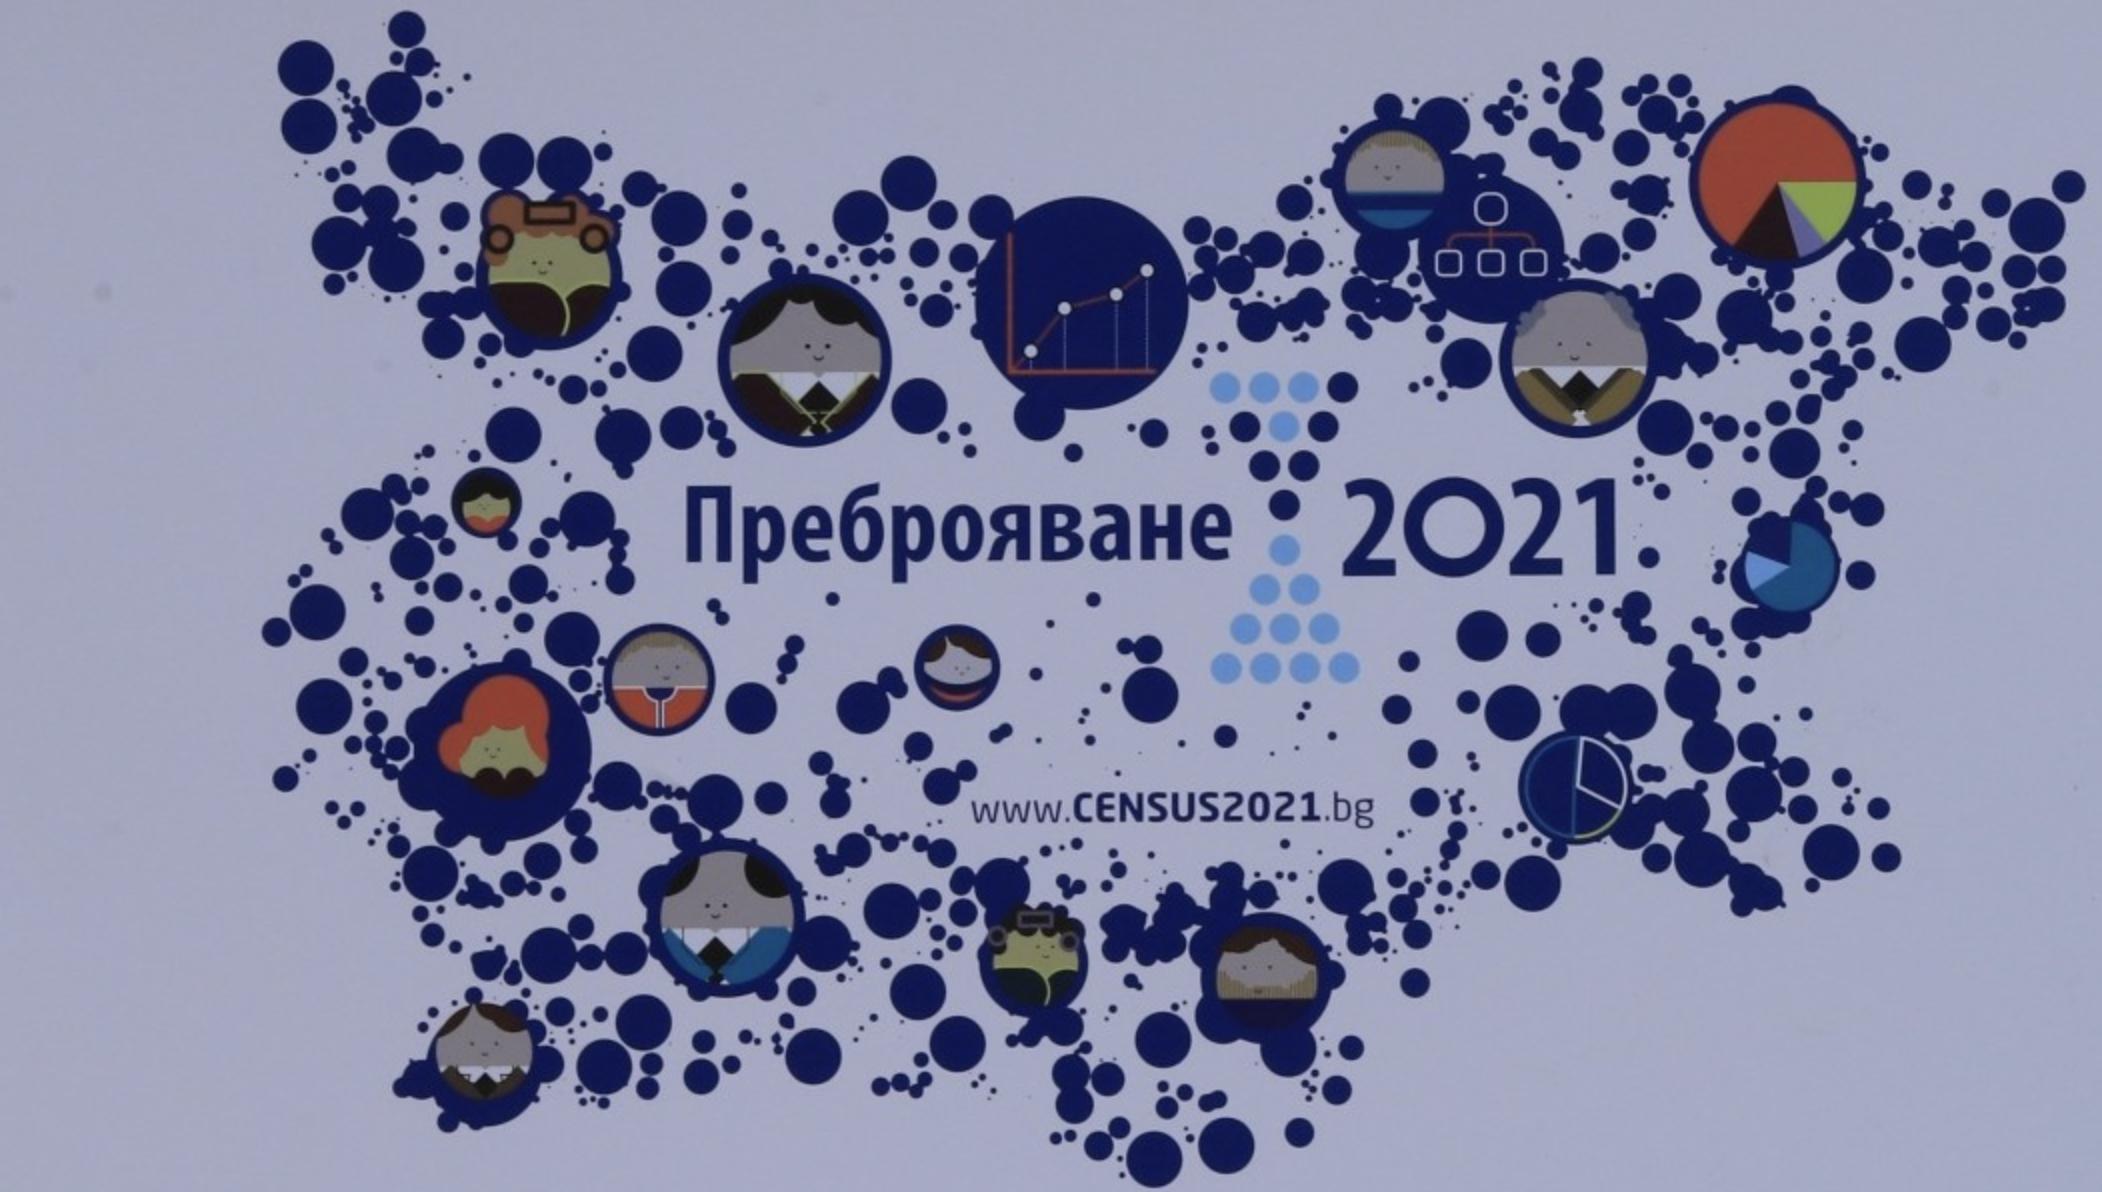 Βουλγαρία: Ξεκίνησε η απογραφή και θα διαρκέσει μέχρι τις 3 Οκτωβρίου